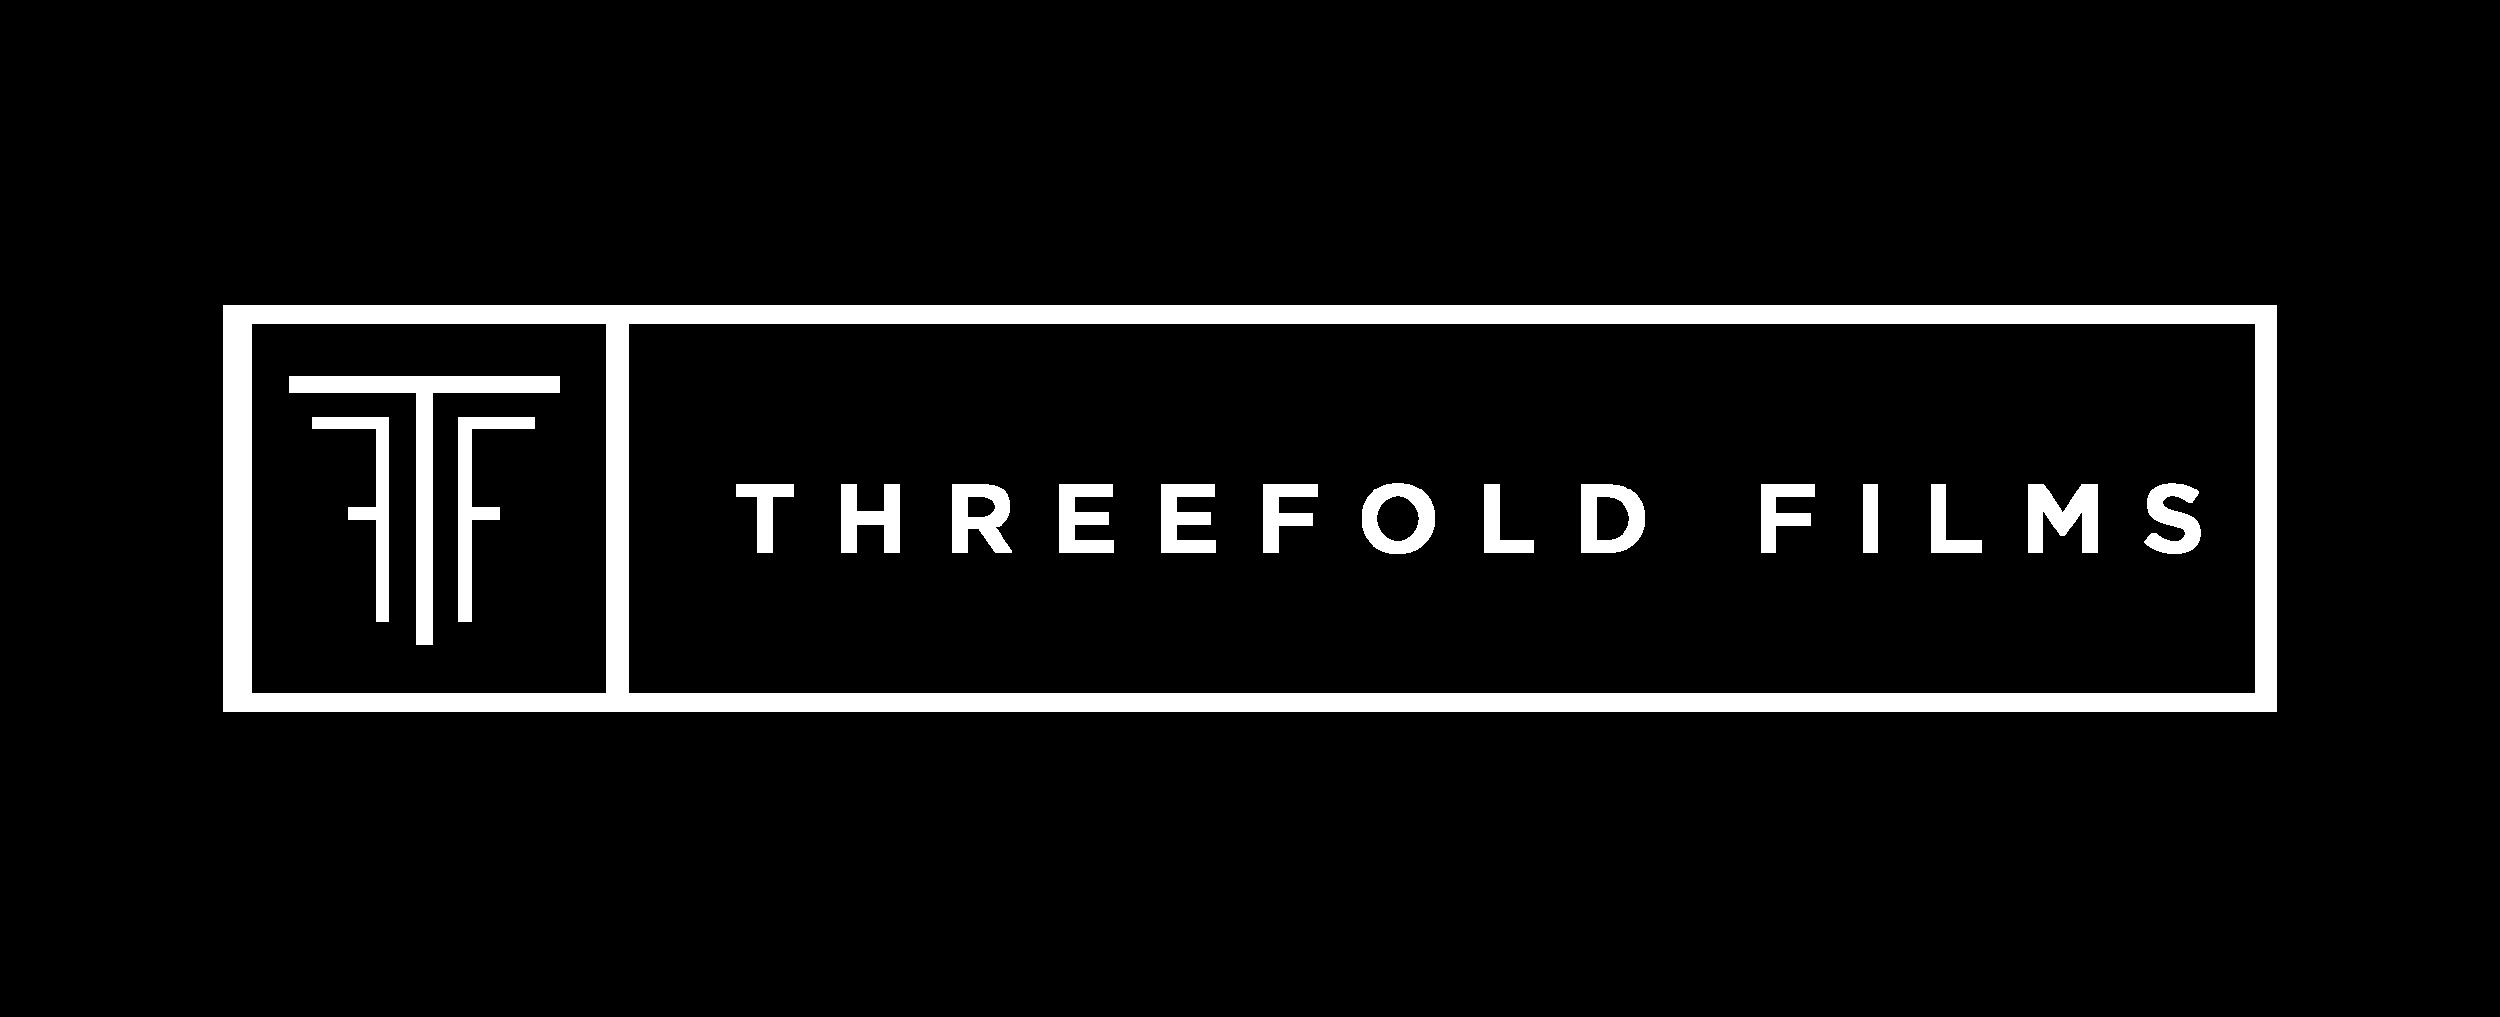 TFF-Main-Logo-White.png